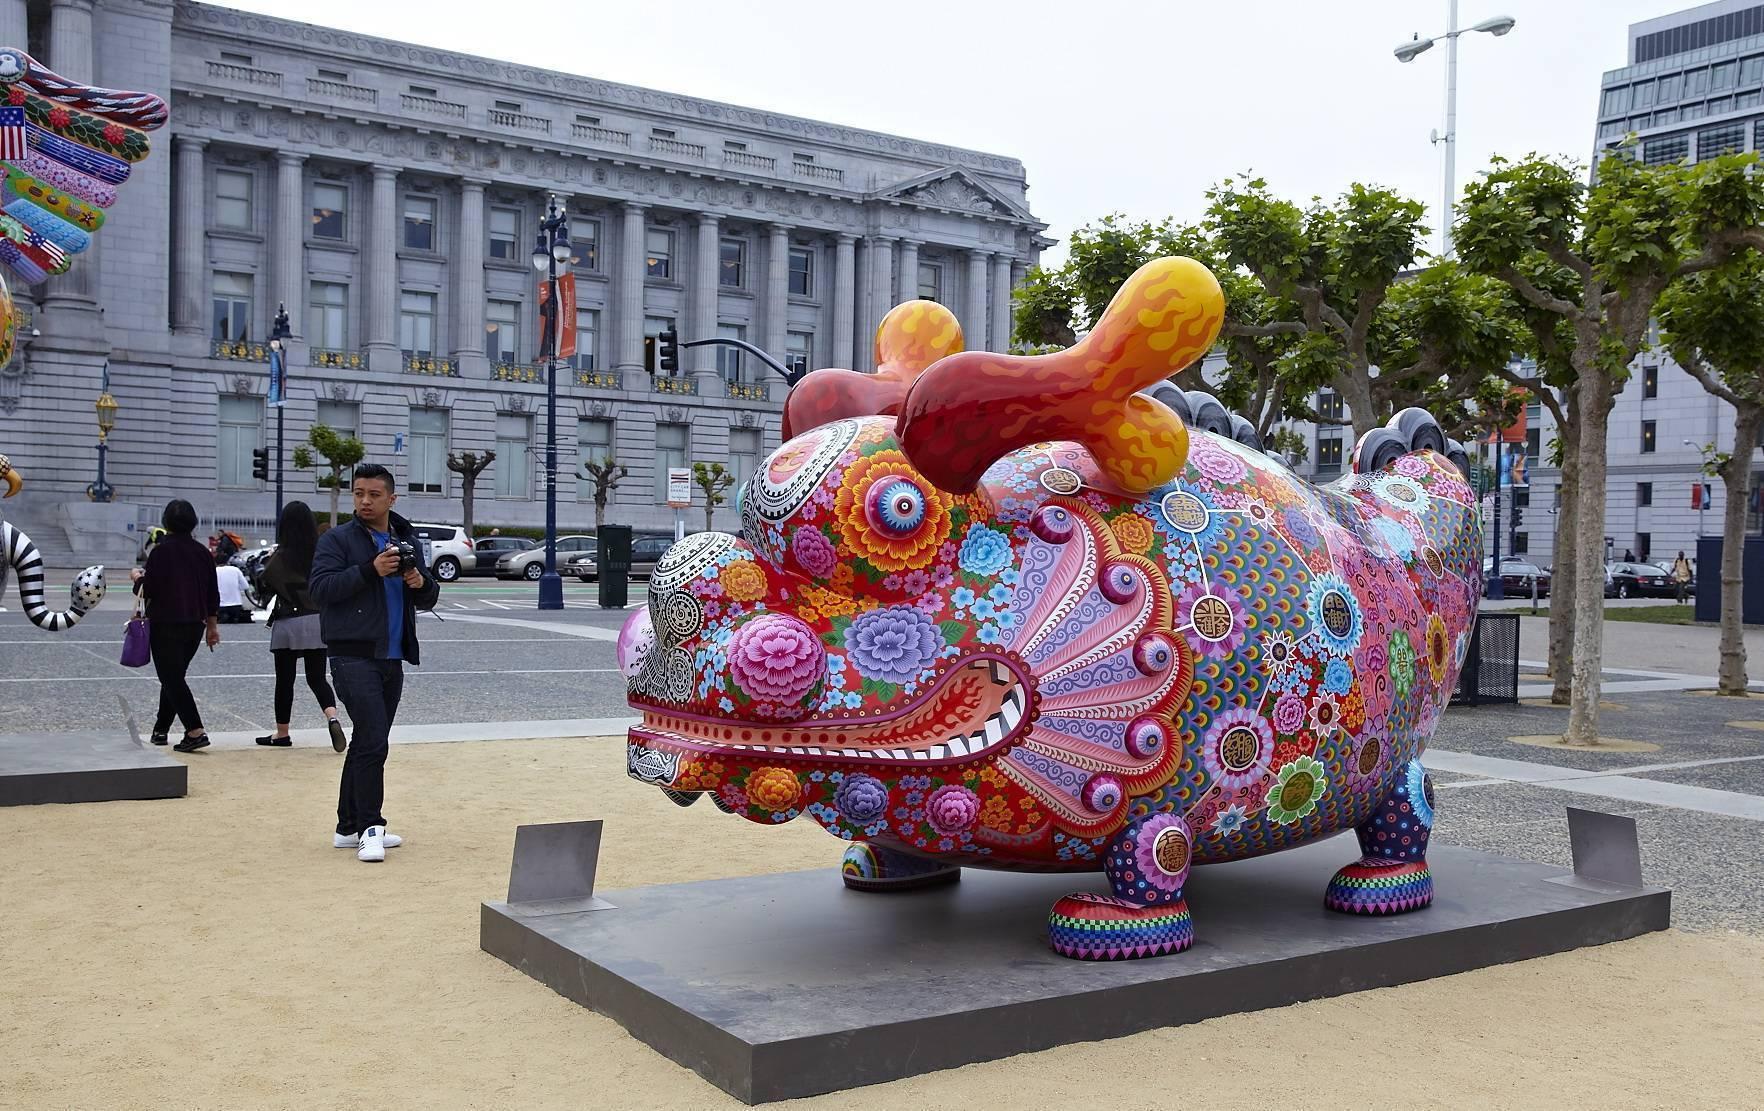 美國舊金山亞洲藝術博物館-福龍 400x170x220cm